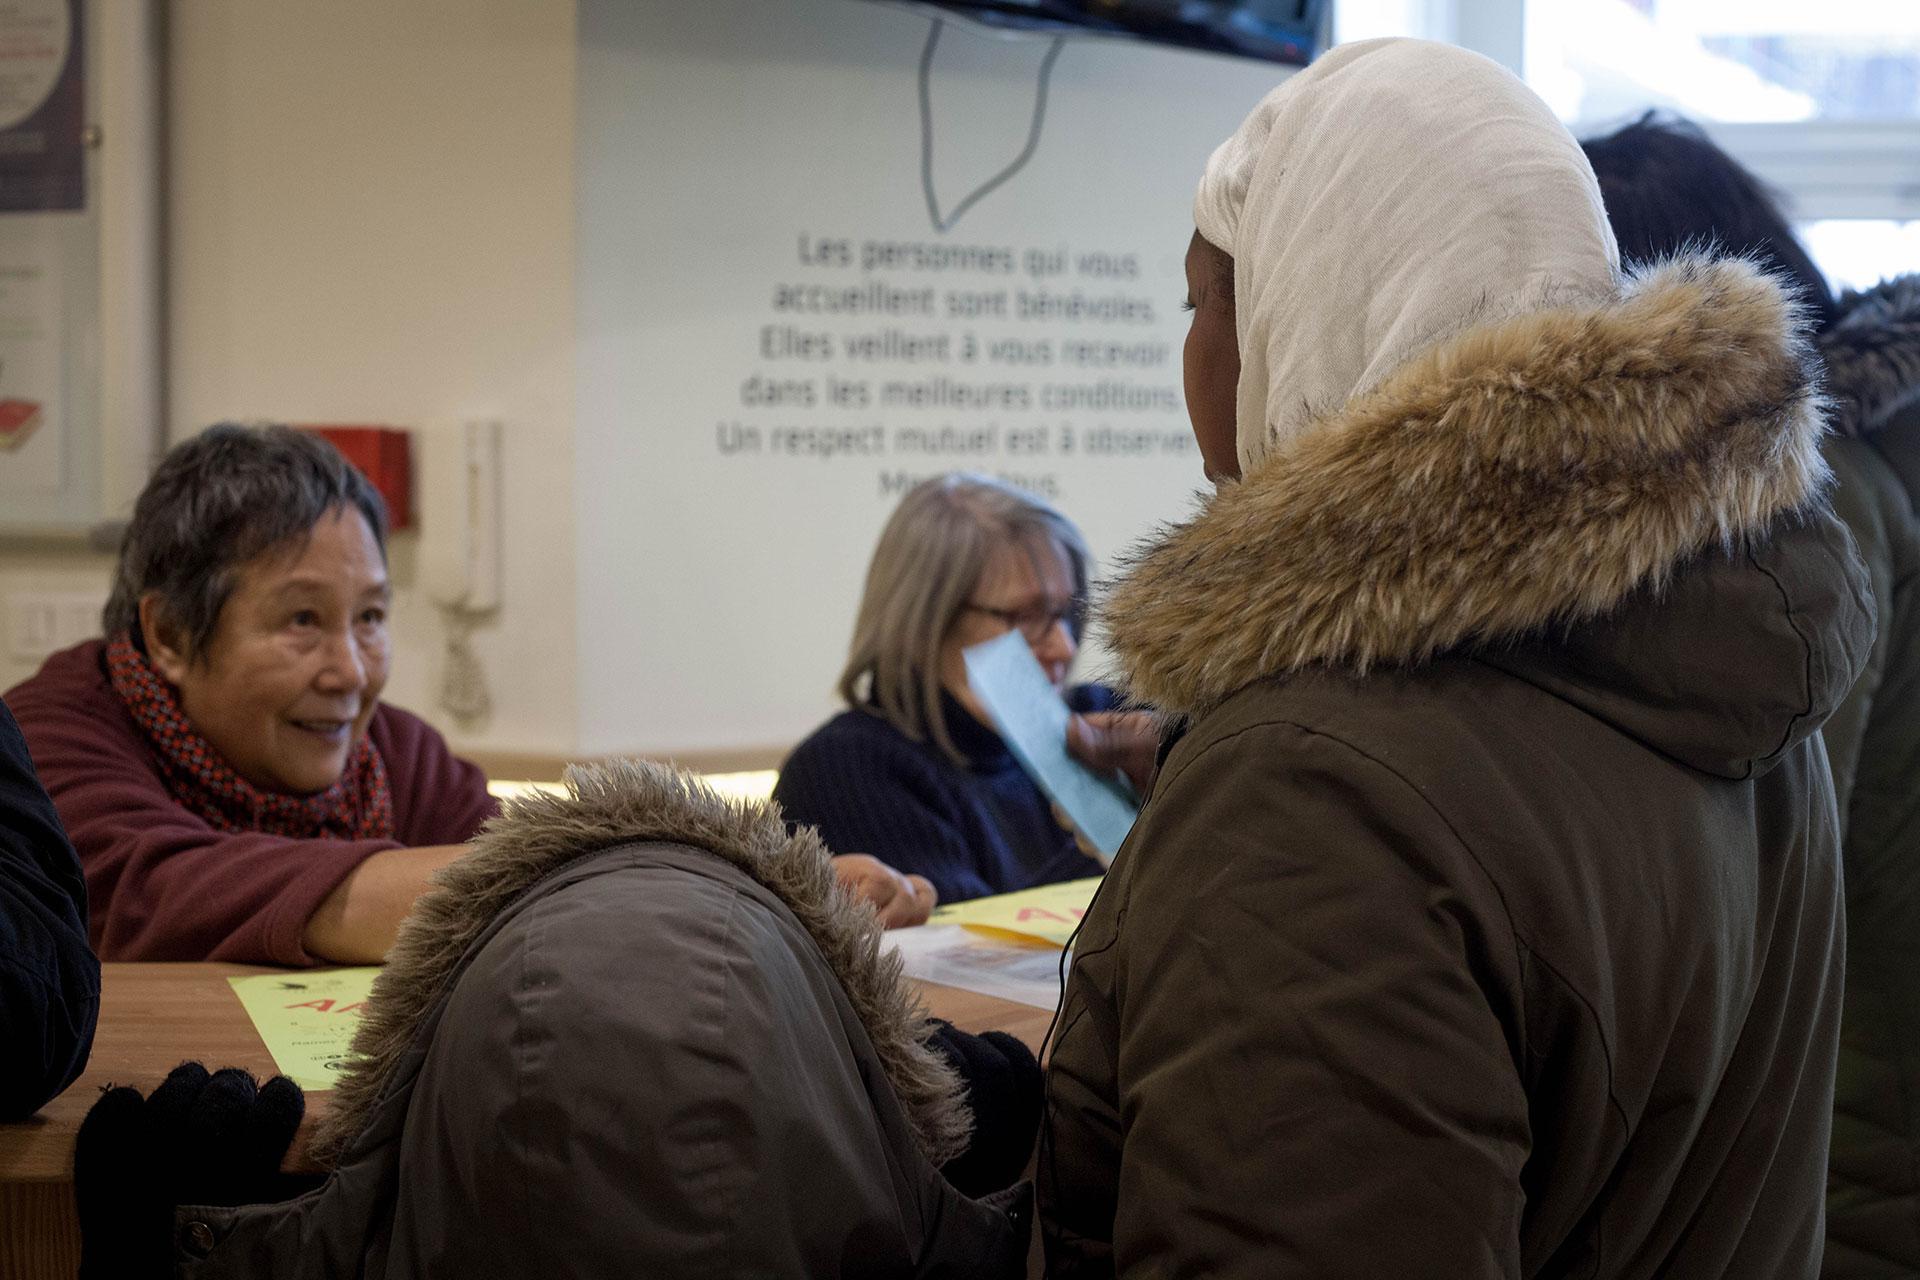 A l'accueil, Louise, bénévole au SPF de Paris, renseigne une maman accompagnée de son enfant.